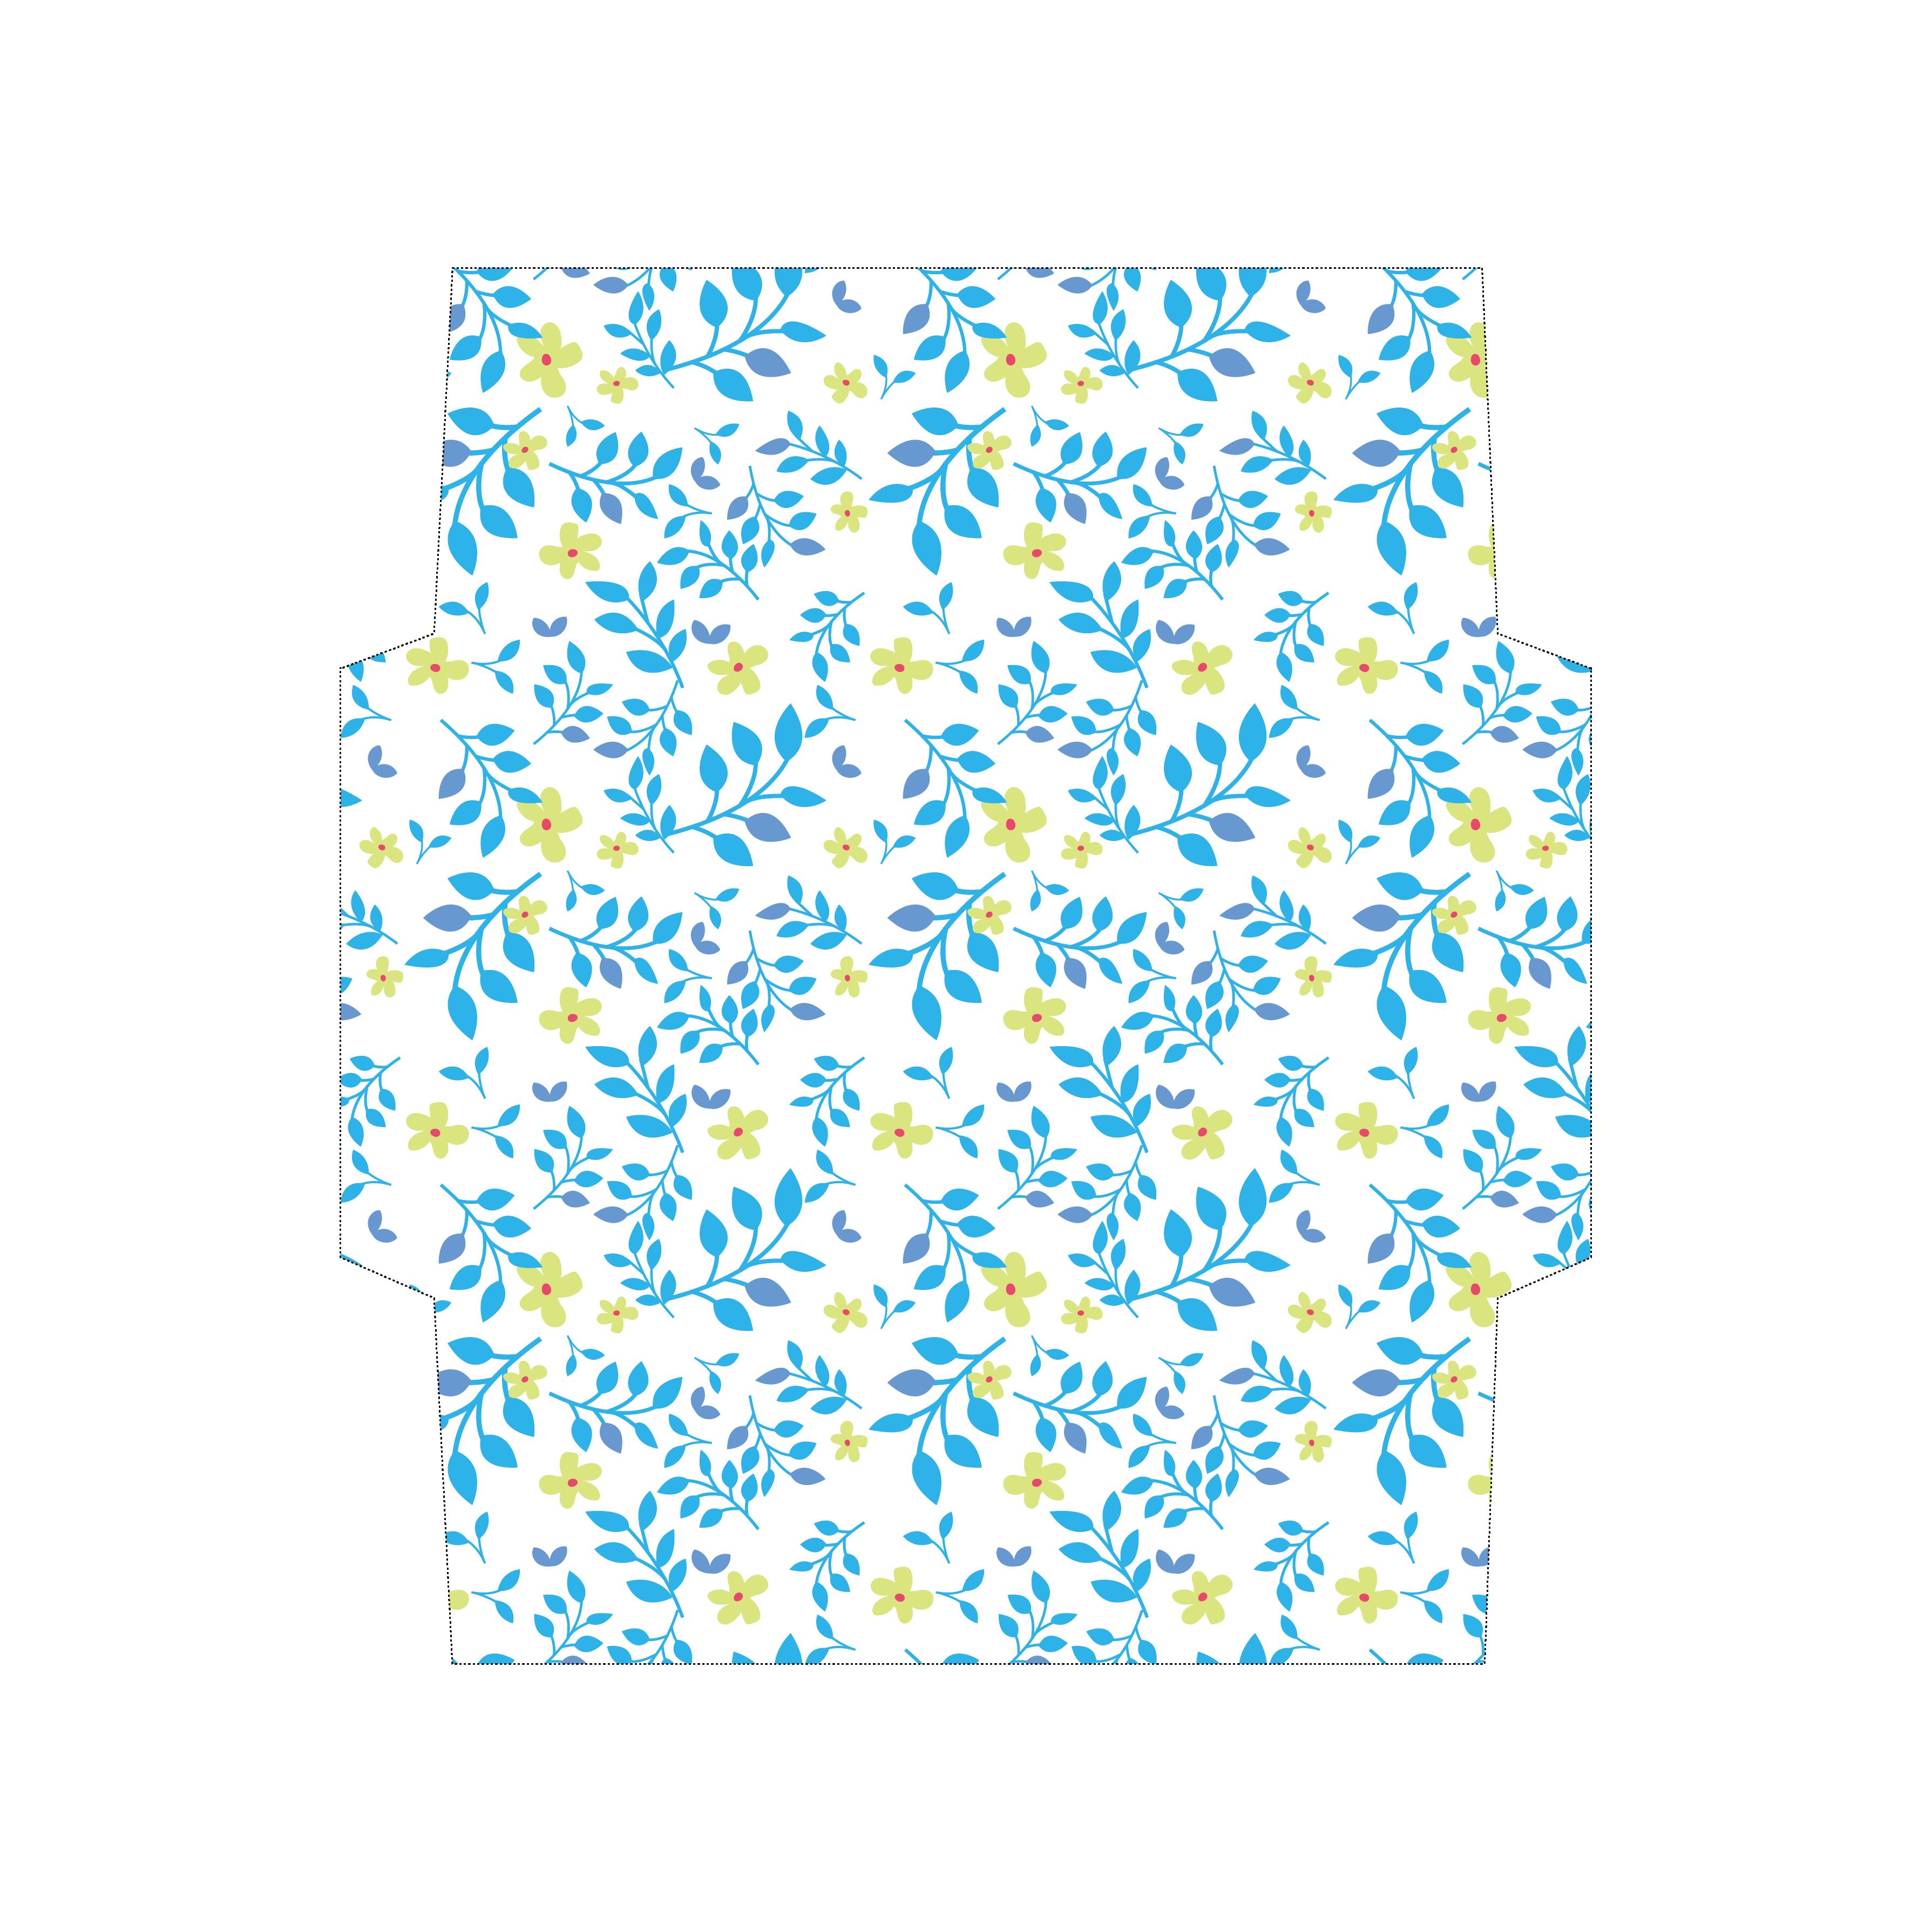 封筒 テンプレート 葉っぱ&花柄 縦横自在!イラスト